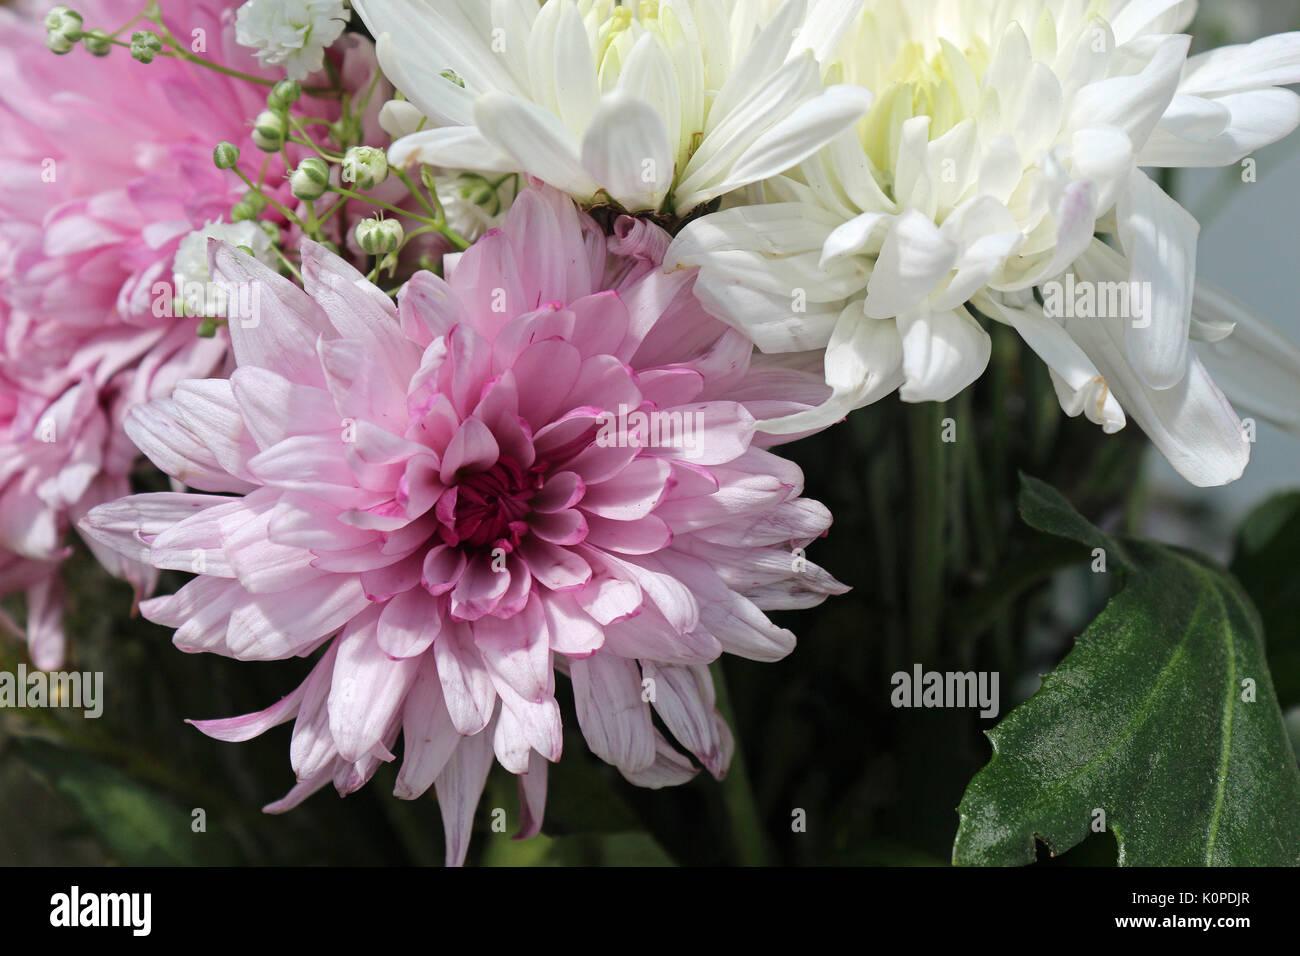 Un arrangement de fleurs de rose et de fleurs blanches Banque D'Images